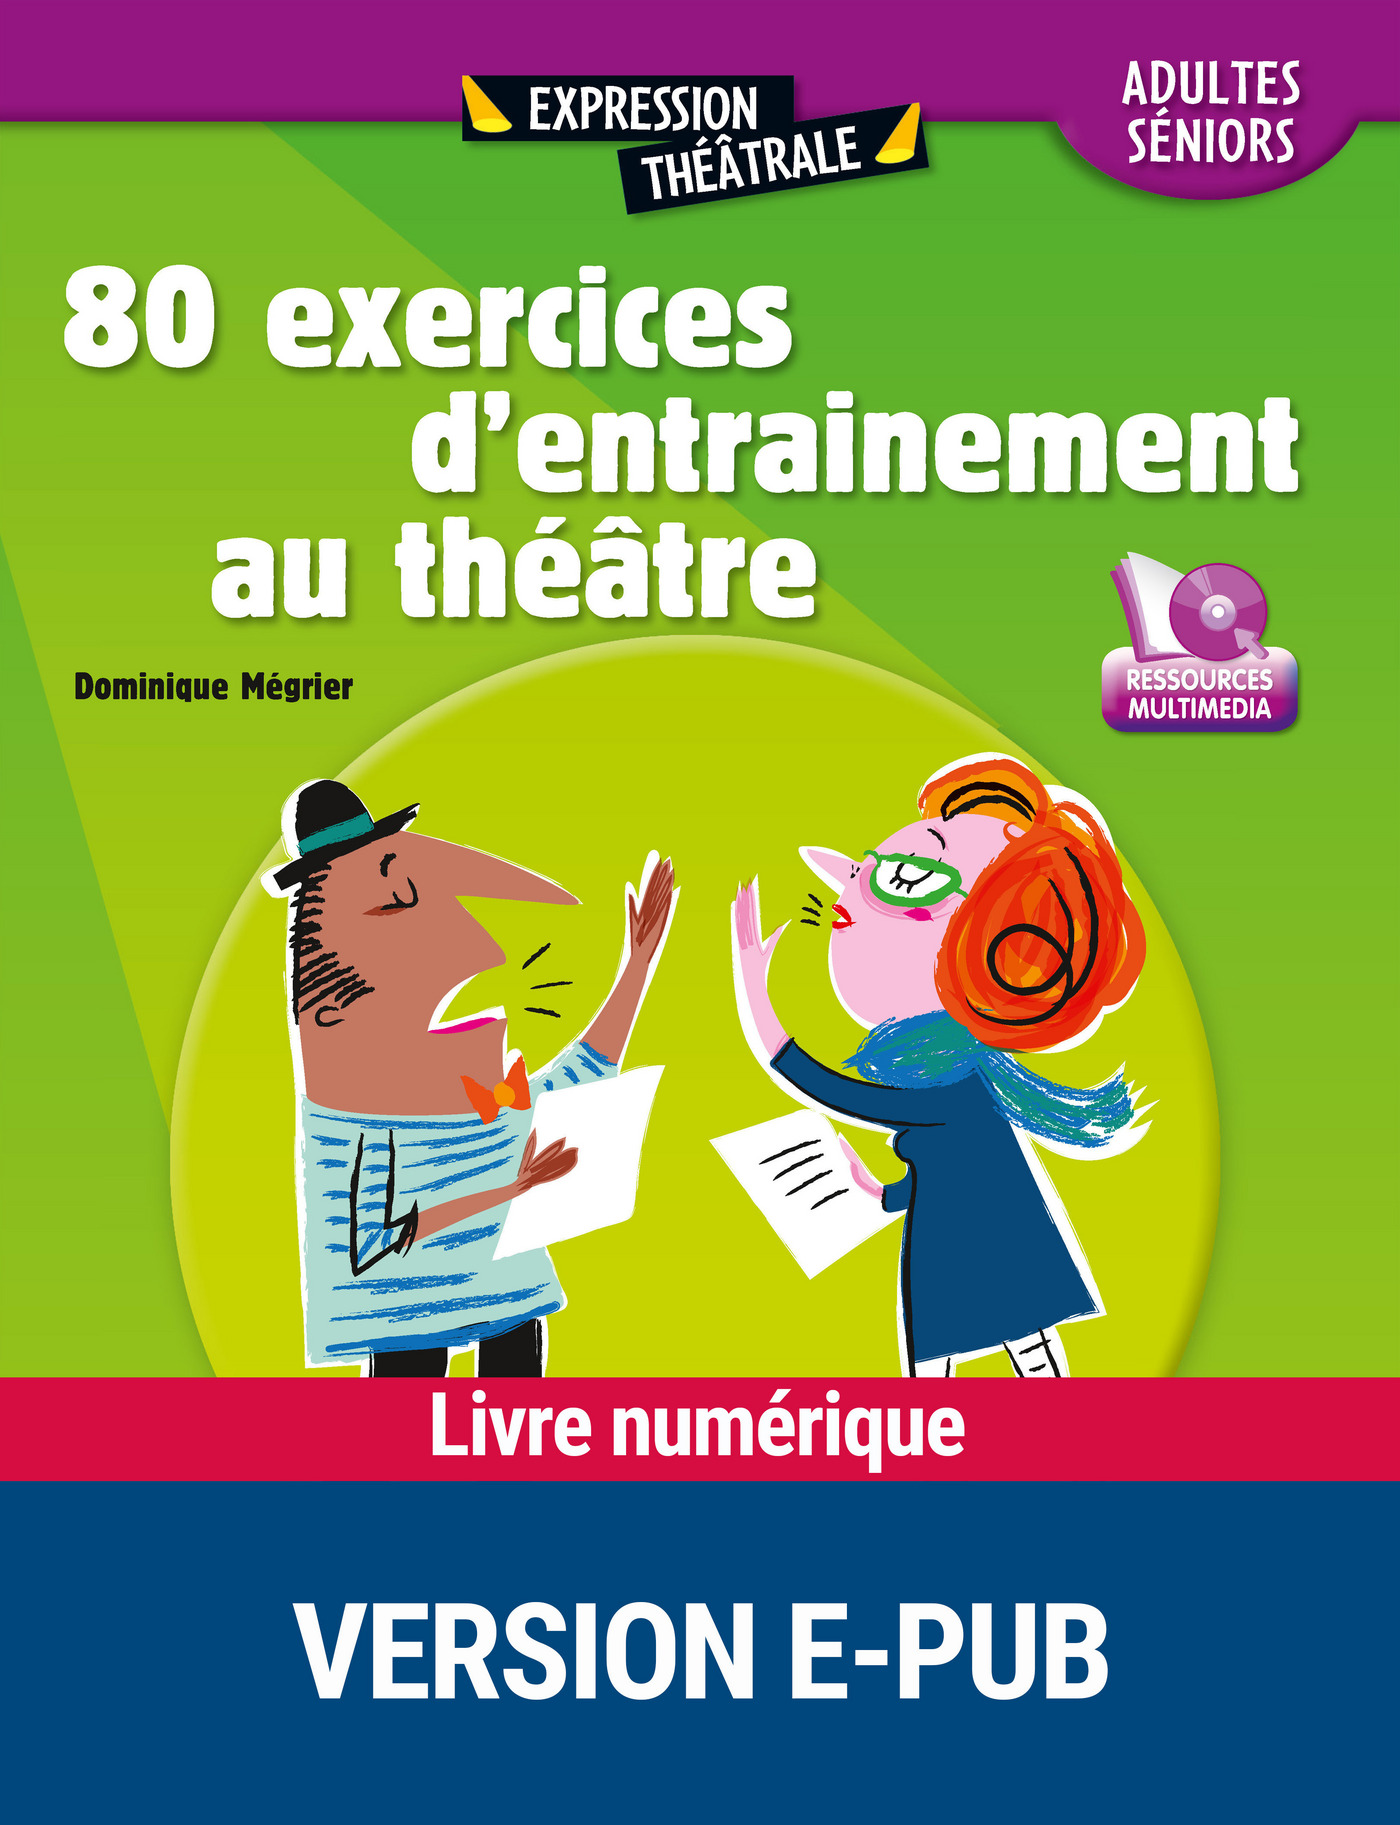 80 exercices entraînement au théâtre